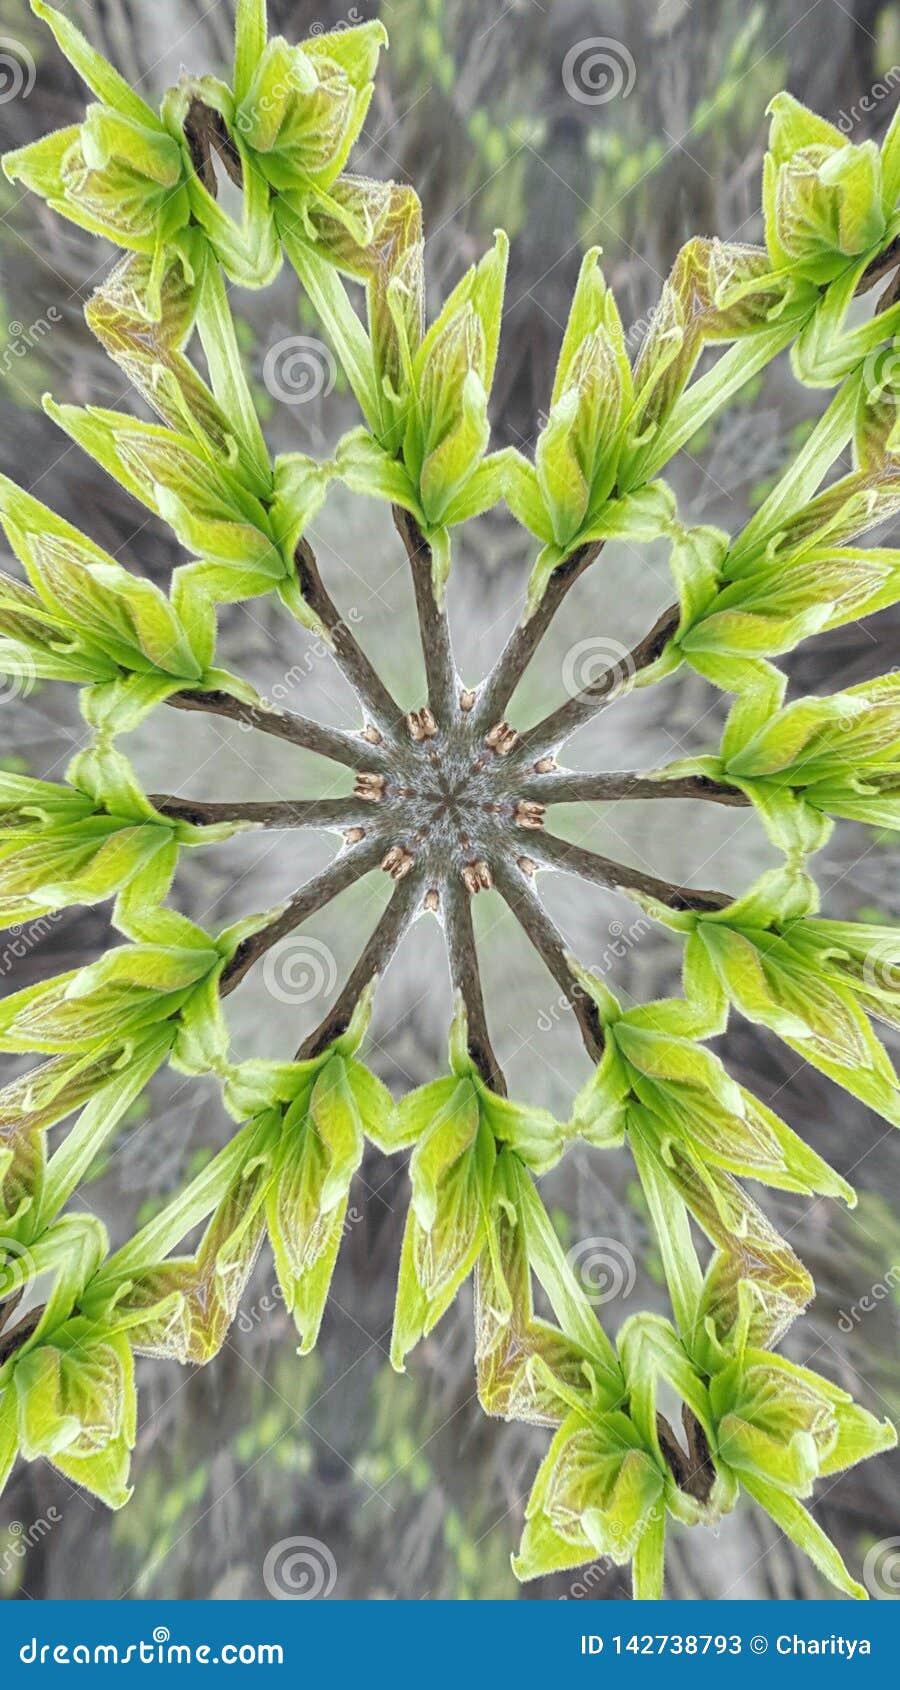 Kaleidoscope done in green